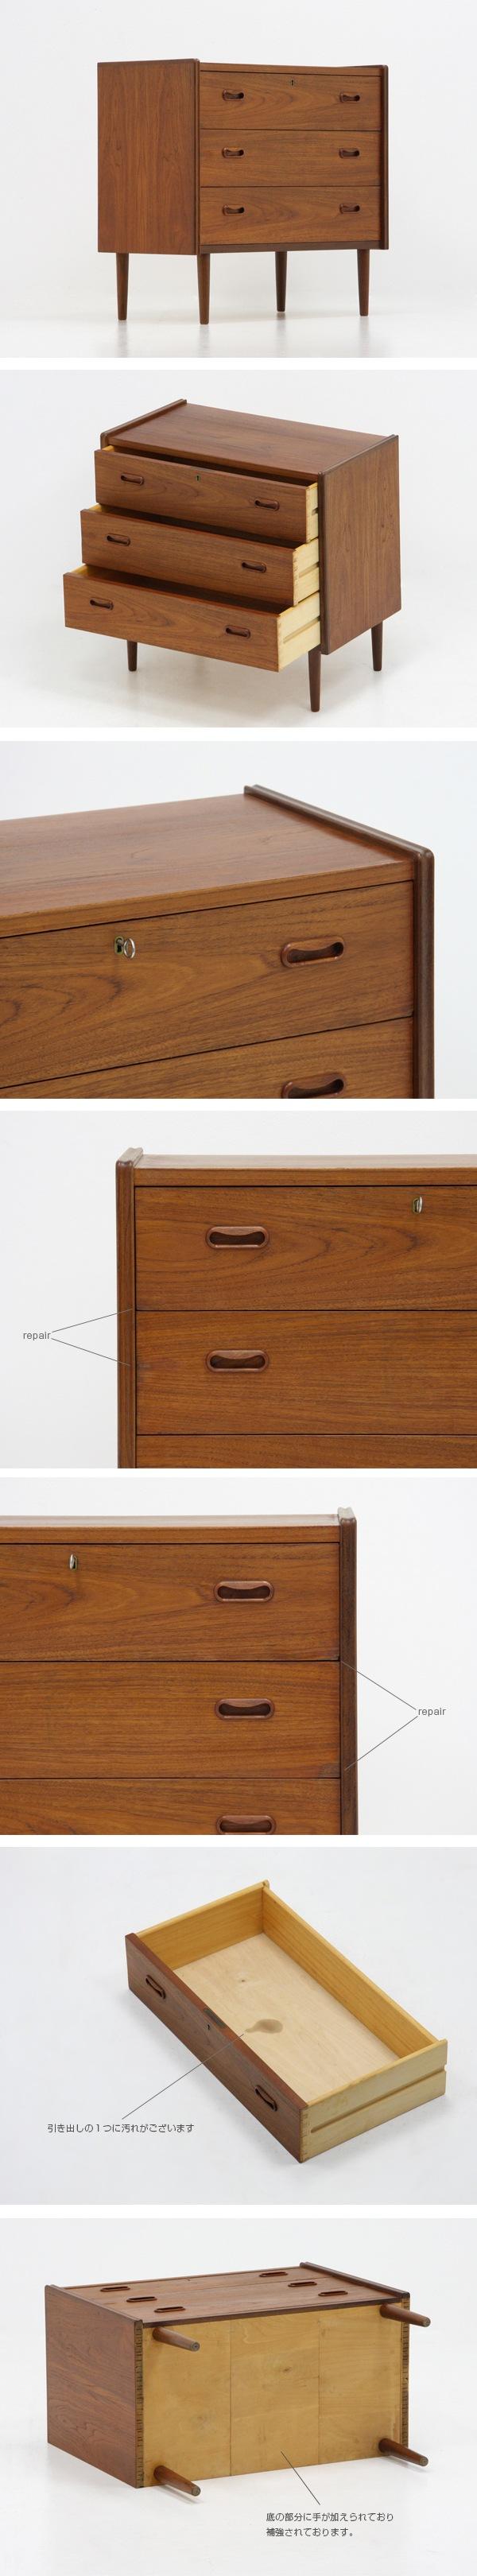 北欧家具,ビンテージ,3段,チェスト,チーク材,引き出し,深め,デンマーク